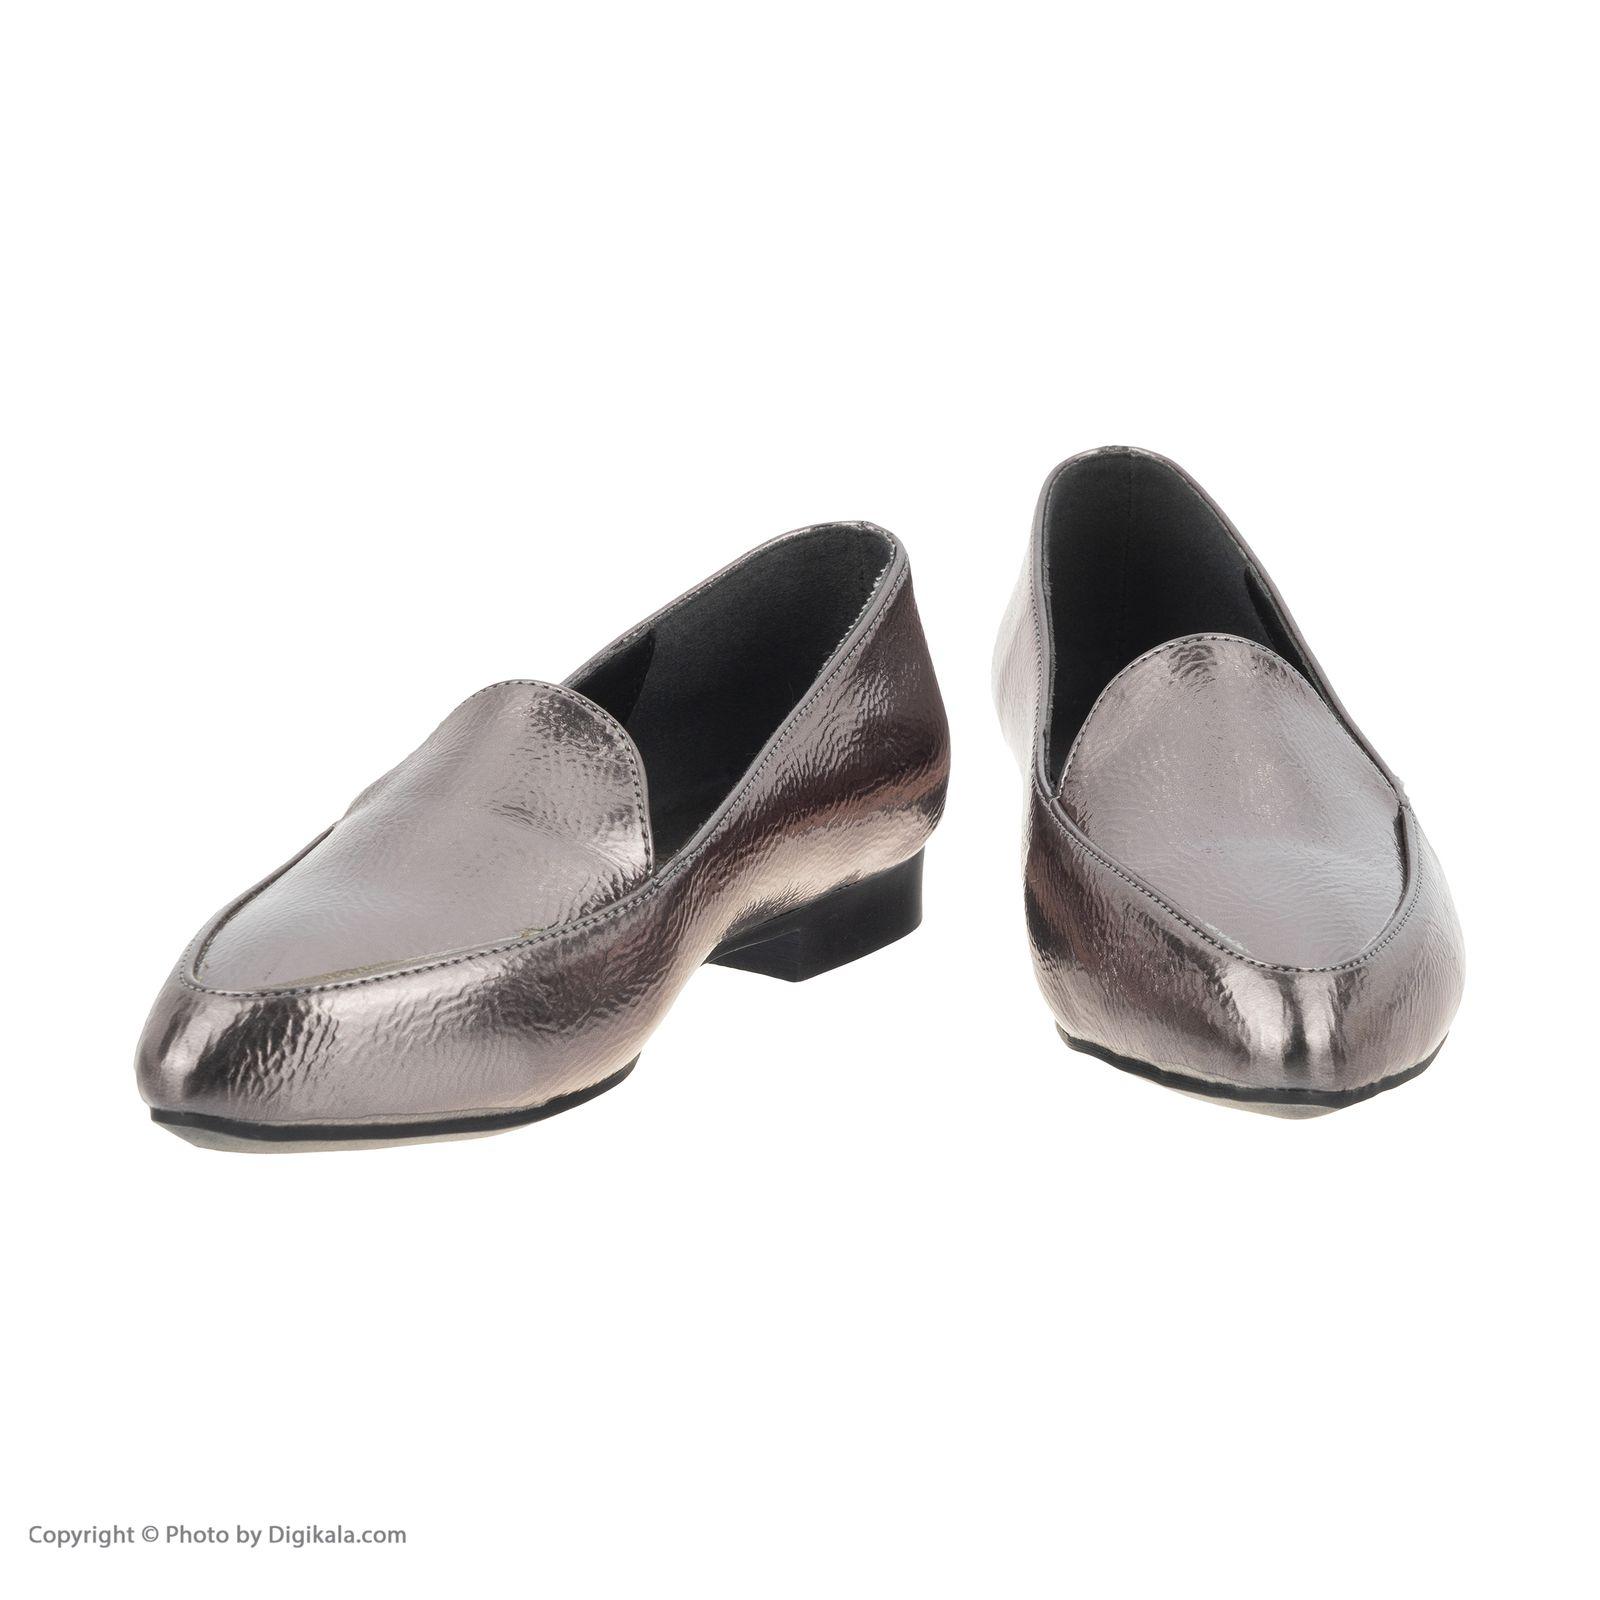 کفش زنانه مدل 6106 -  - 4